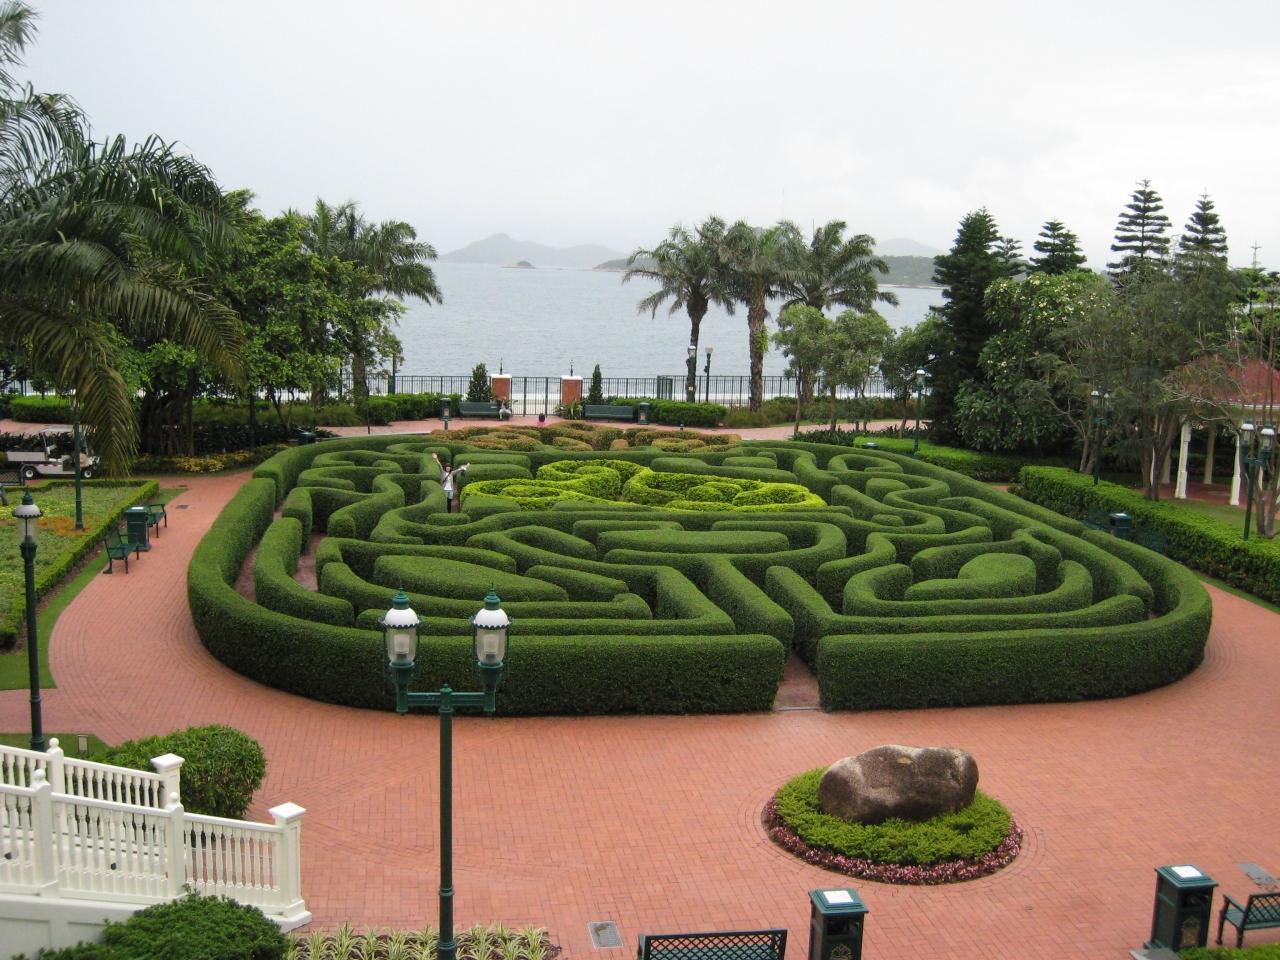 初!香港ディズニーランド&市内観光』香港(香港)の旅行記・ブログ by